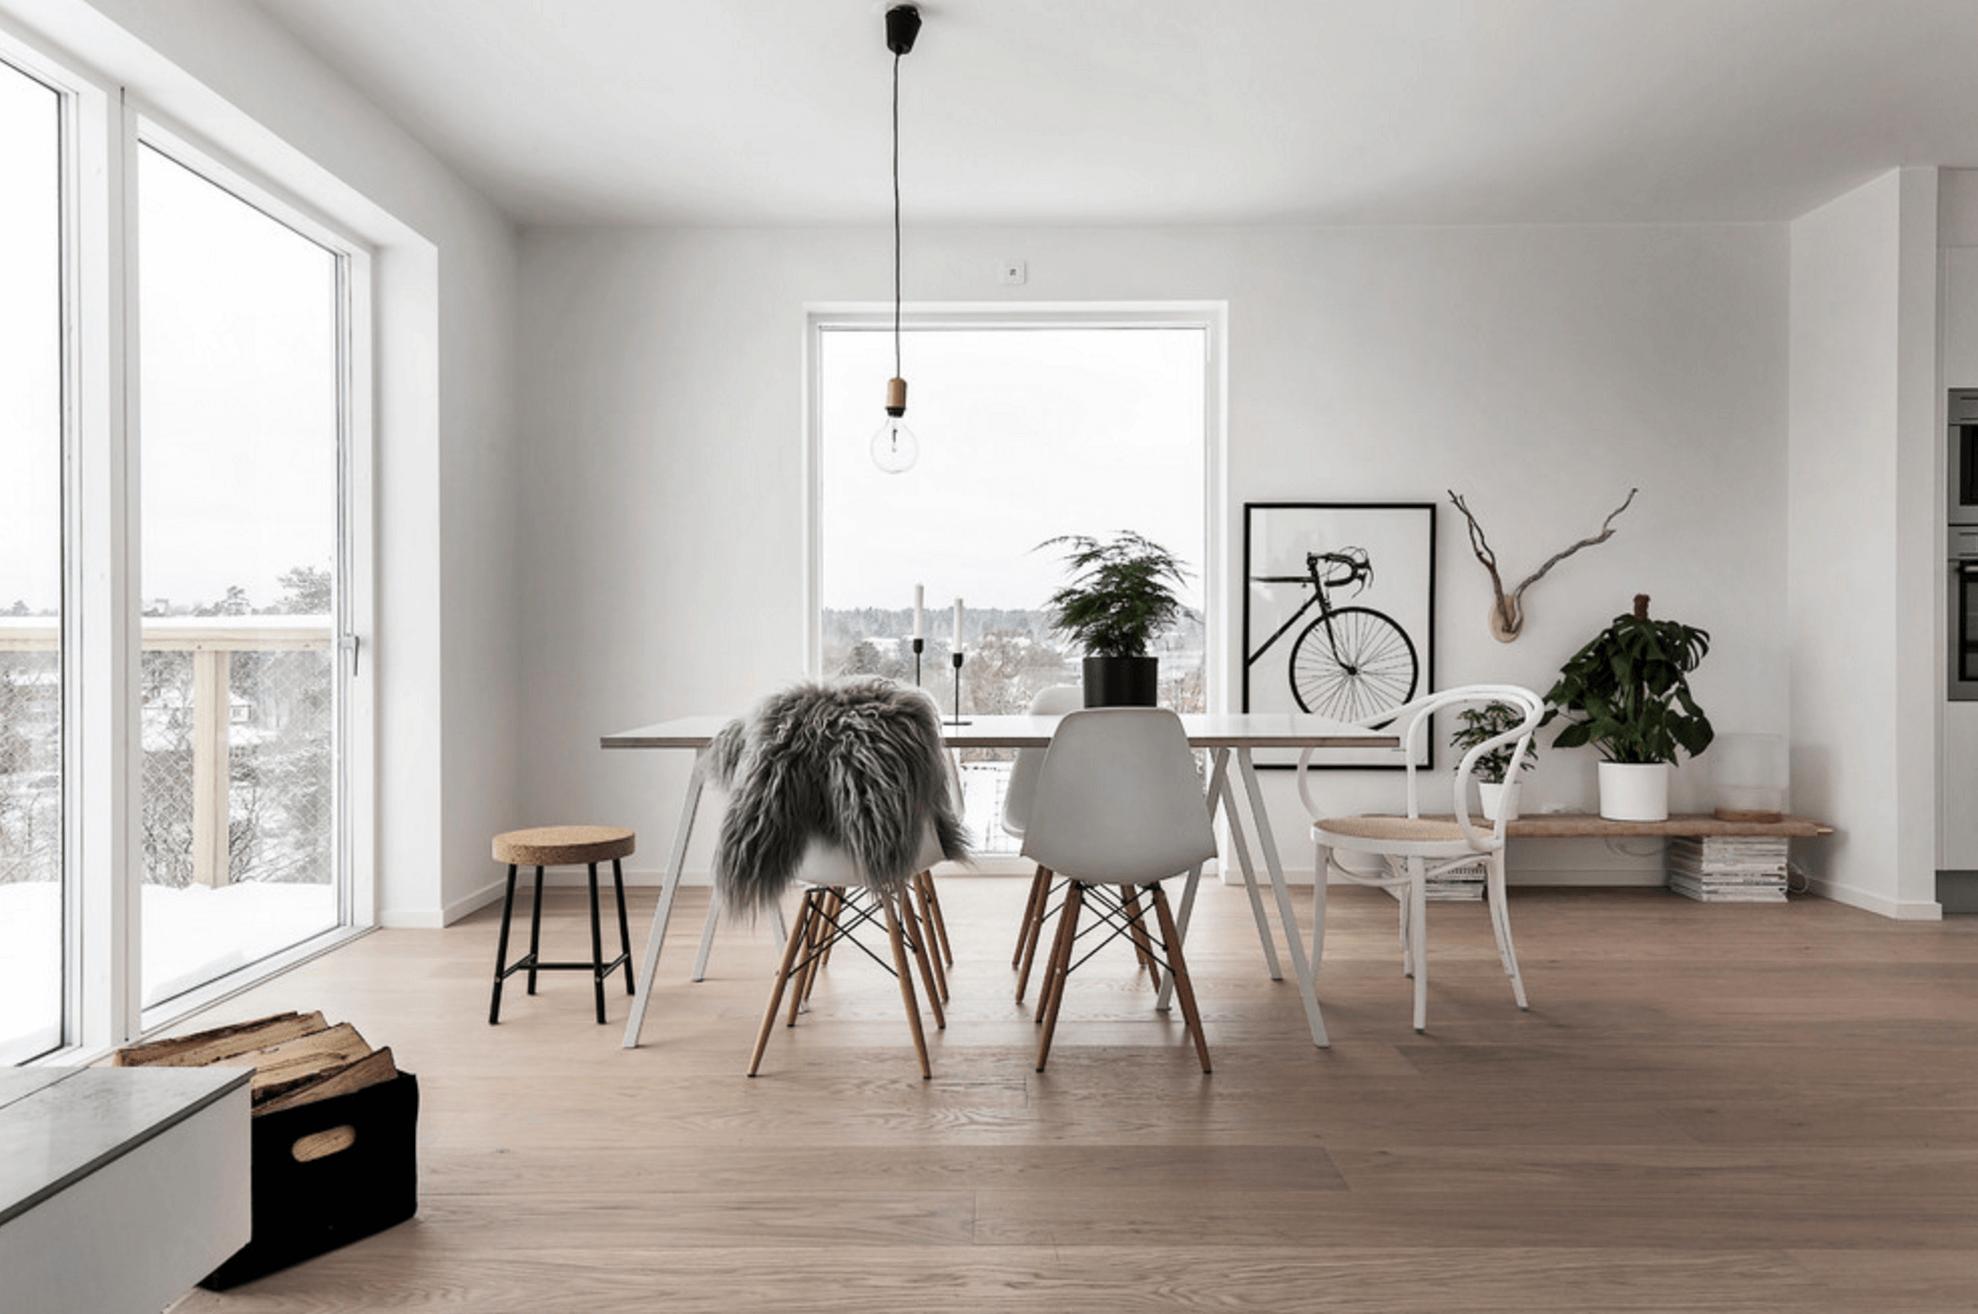 Samodzielne wykończenie mieszkania